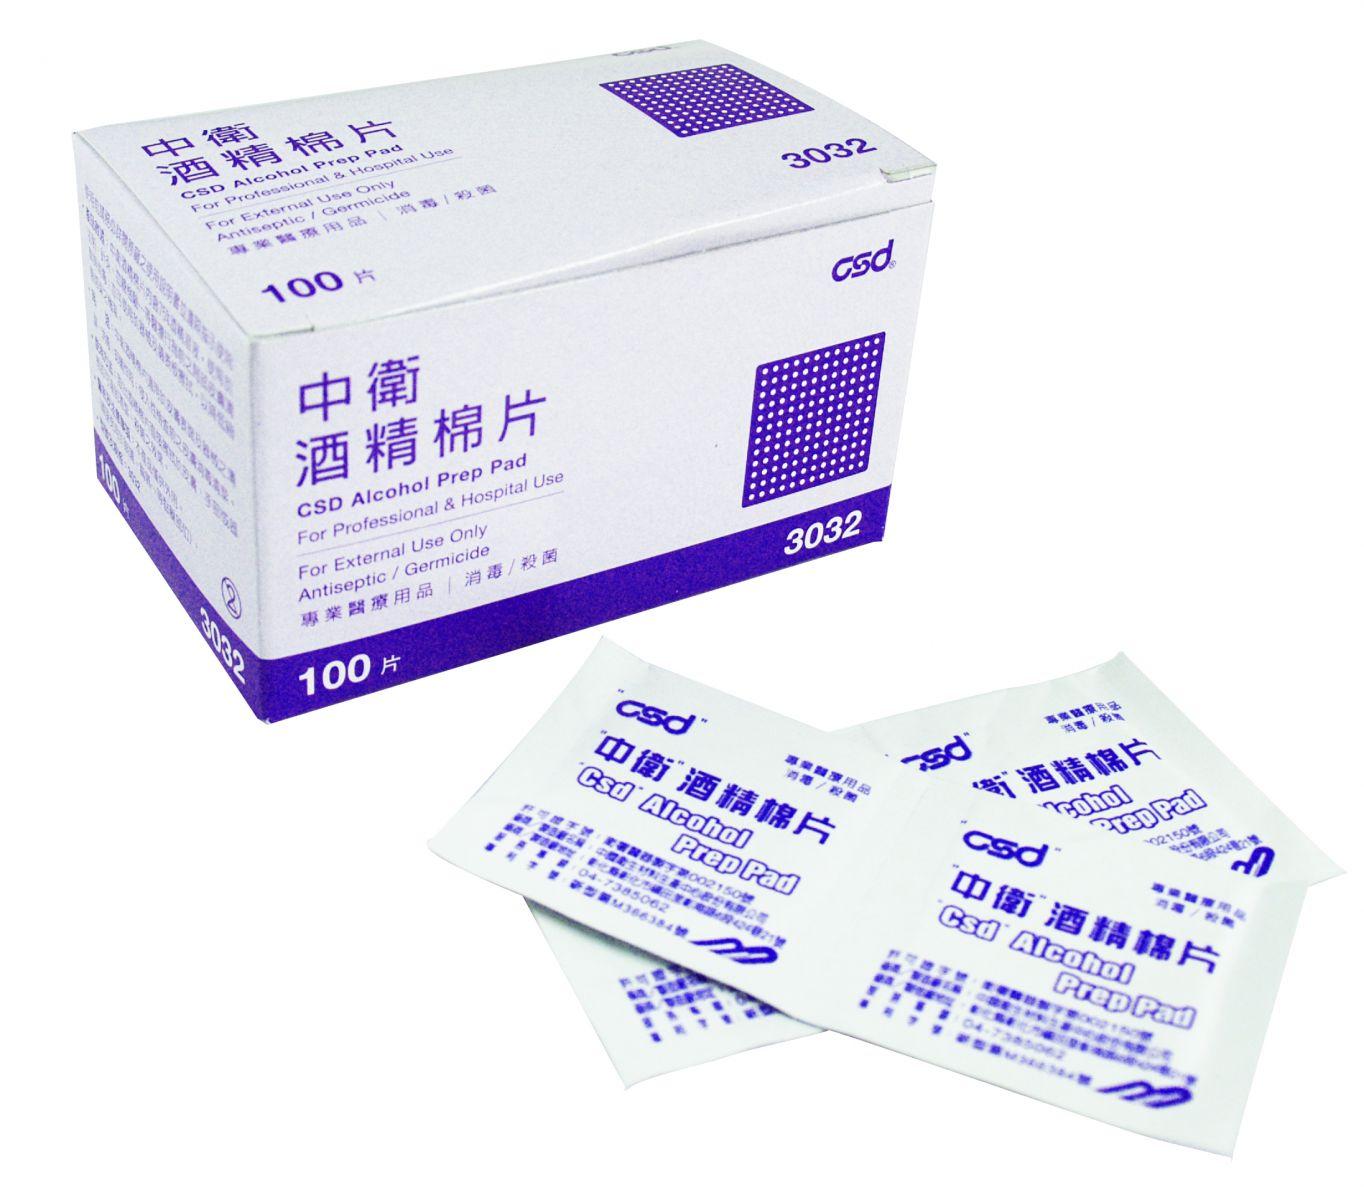 【中衛】酒精棉片 100入/盒